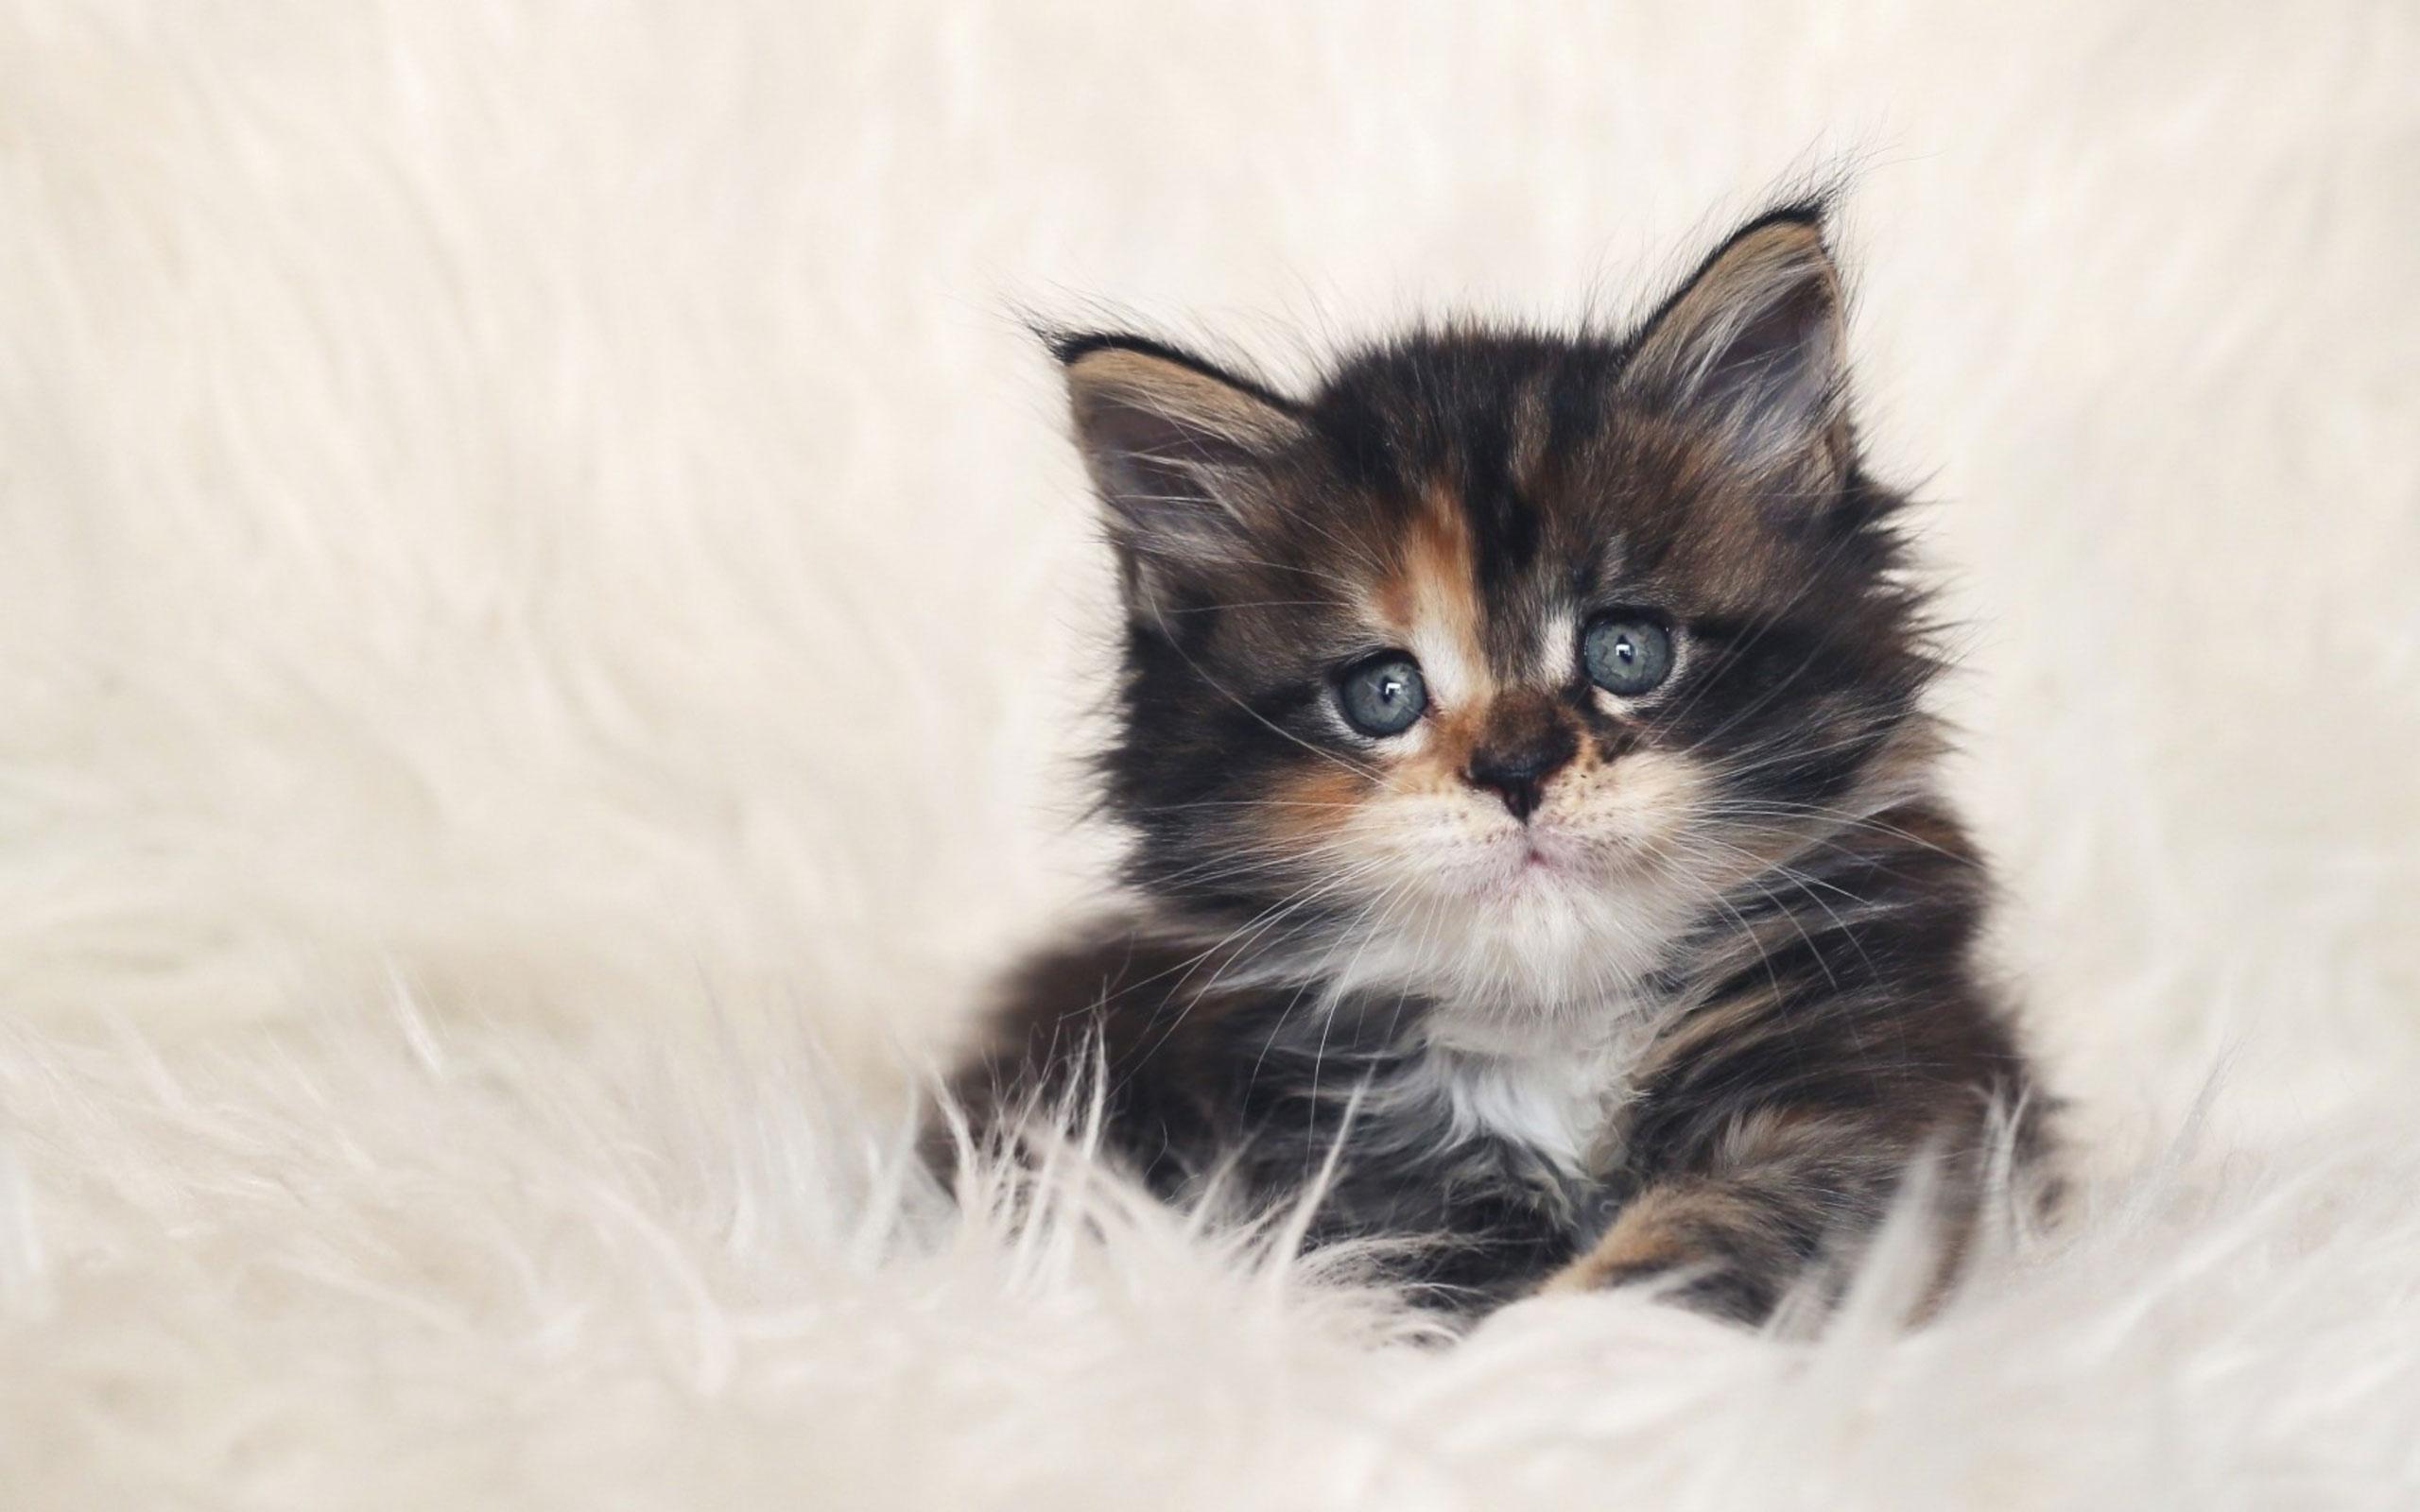 بالصور اجمل الصور للقطط في العالم , صور جميله للقطط حول العالم 4700 13